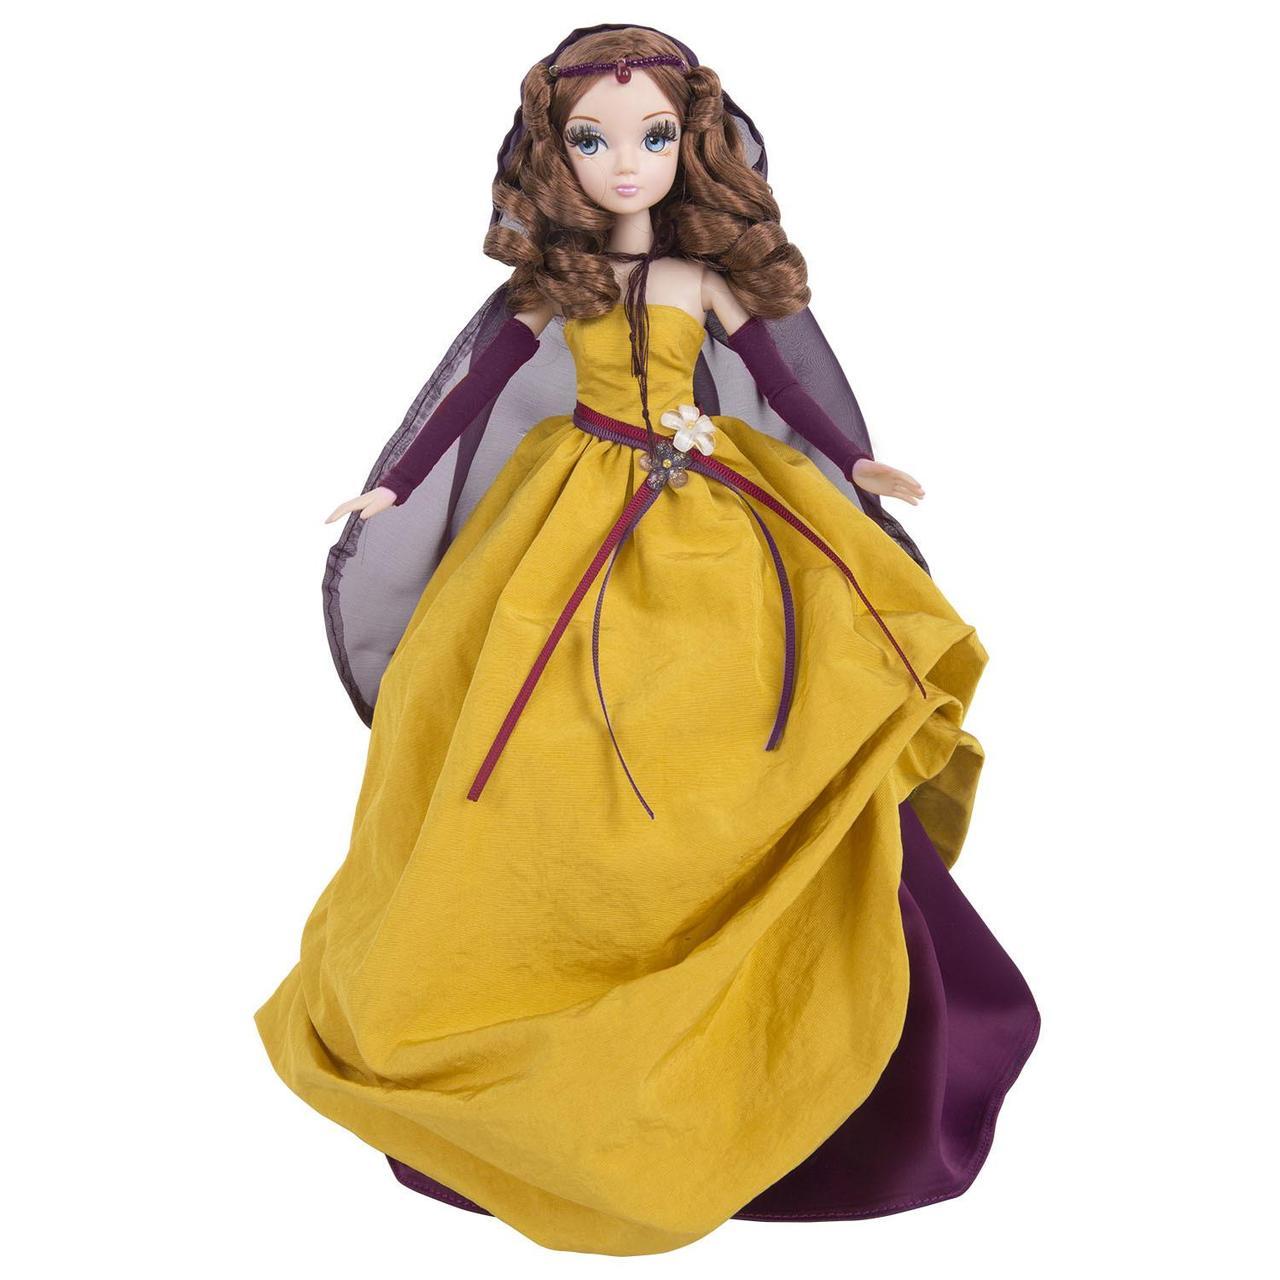 """Кукла Sonya Rose, серия """"Gold collection"""" платье Эльза (Gulliver, Россия) - фото 2"""